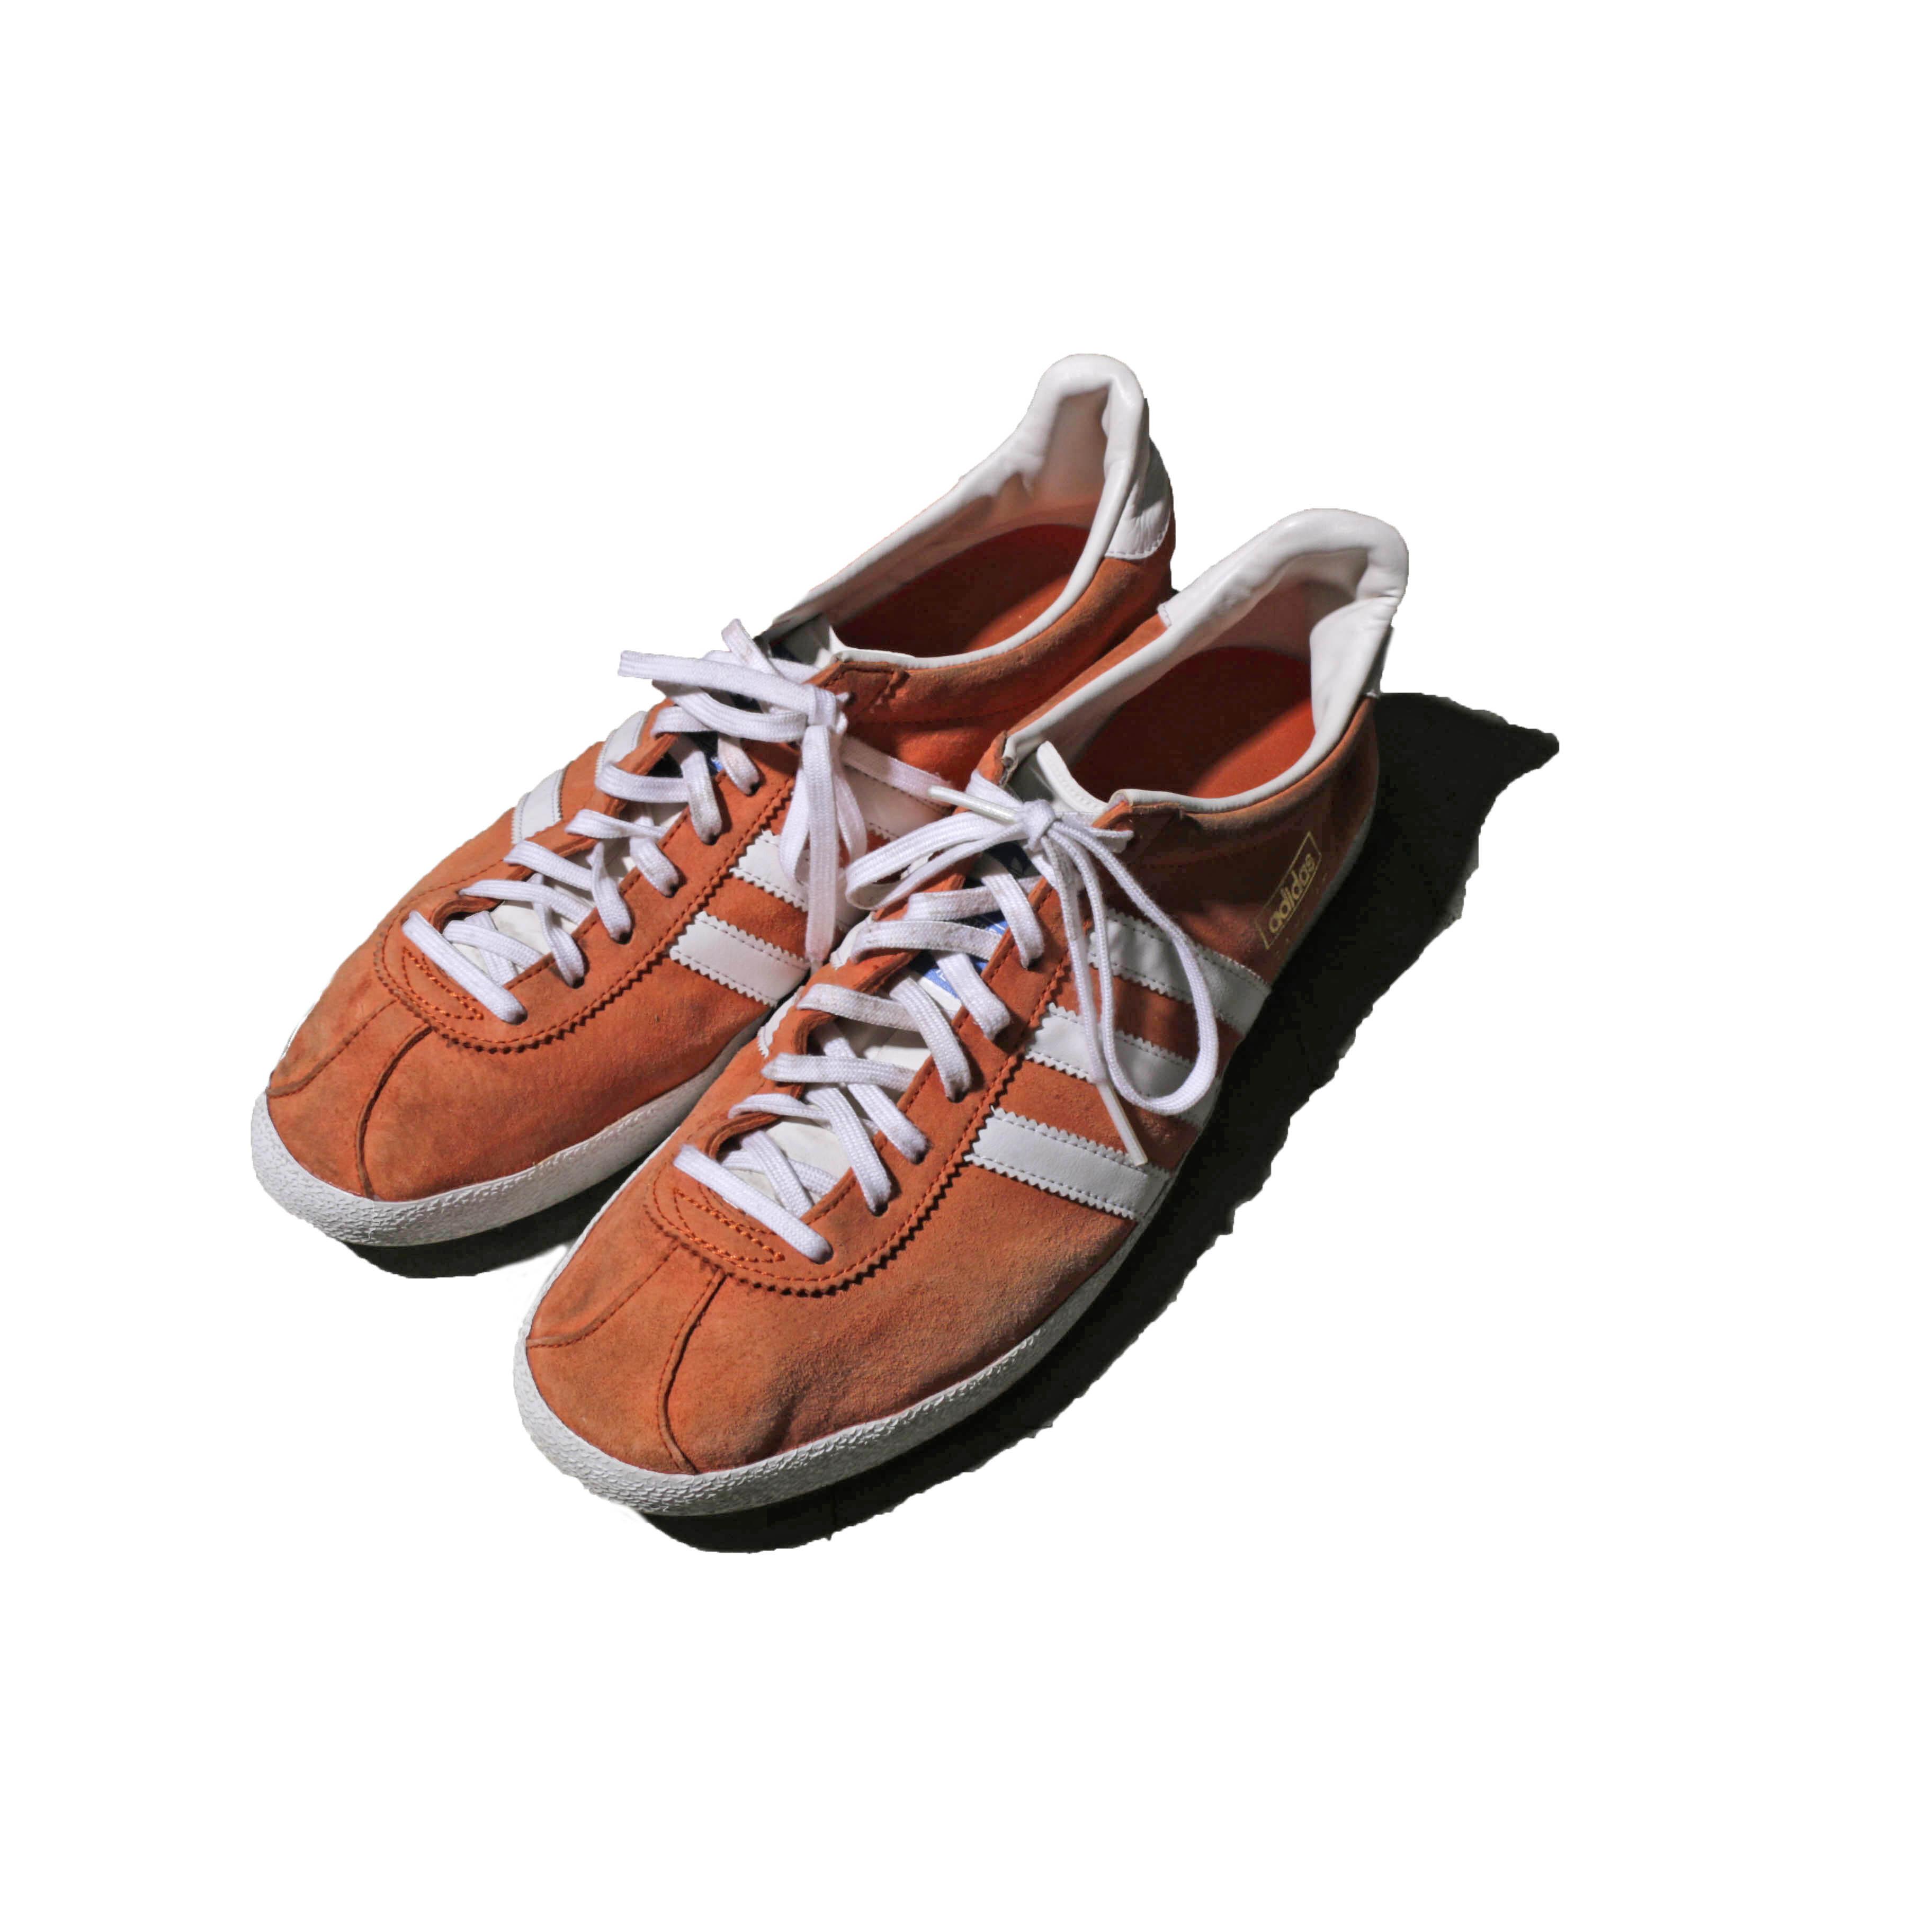 Adidas GAZELLE OG Sneaker(BLOOD ORANGE)